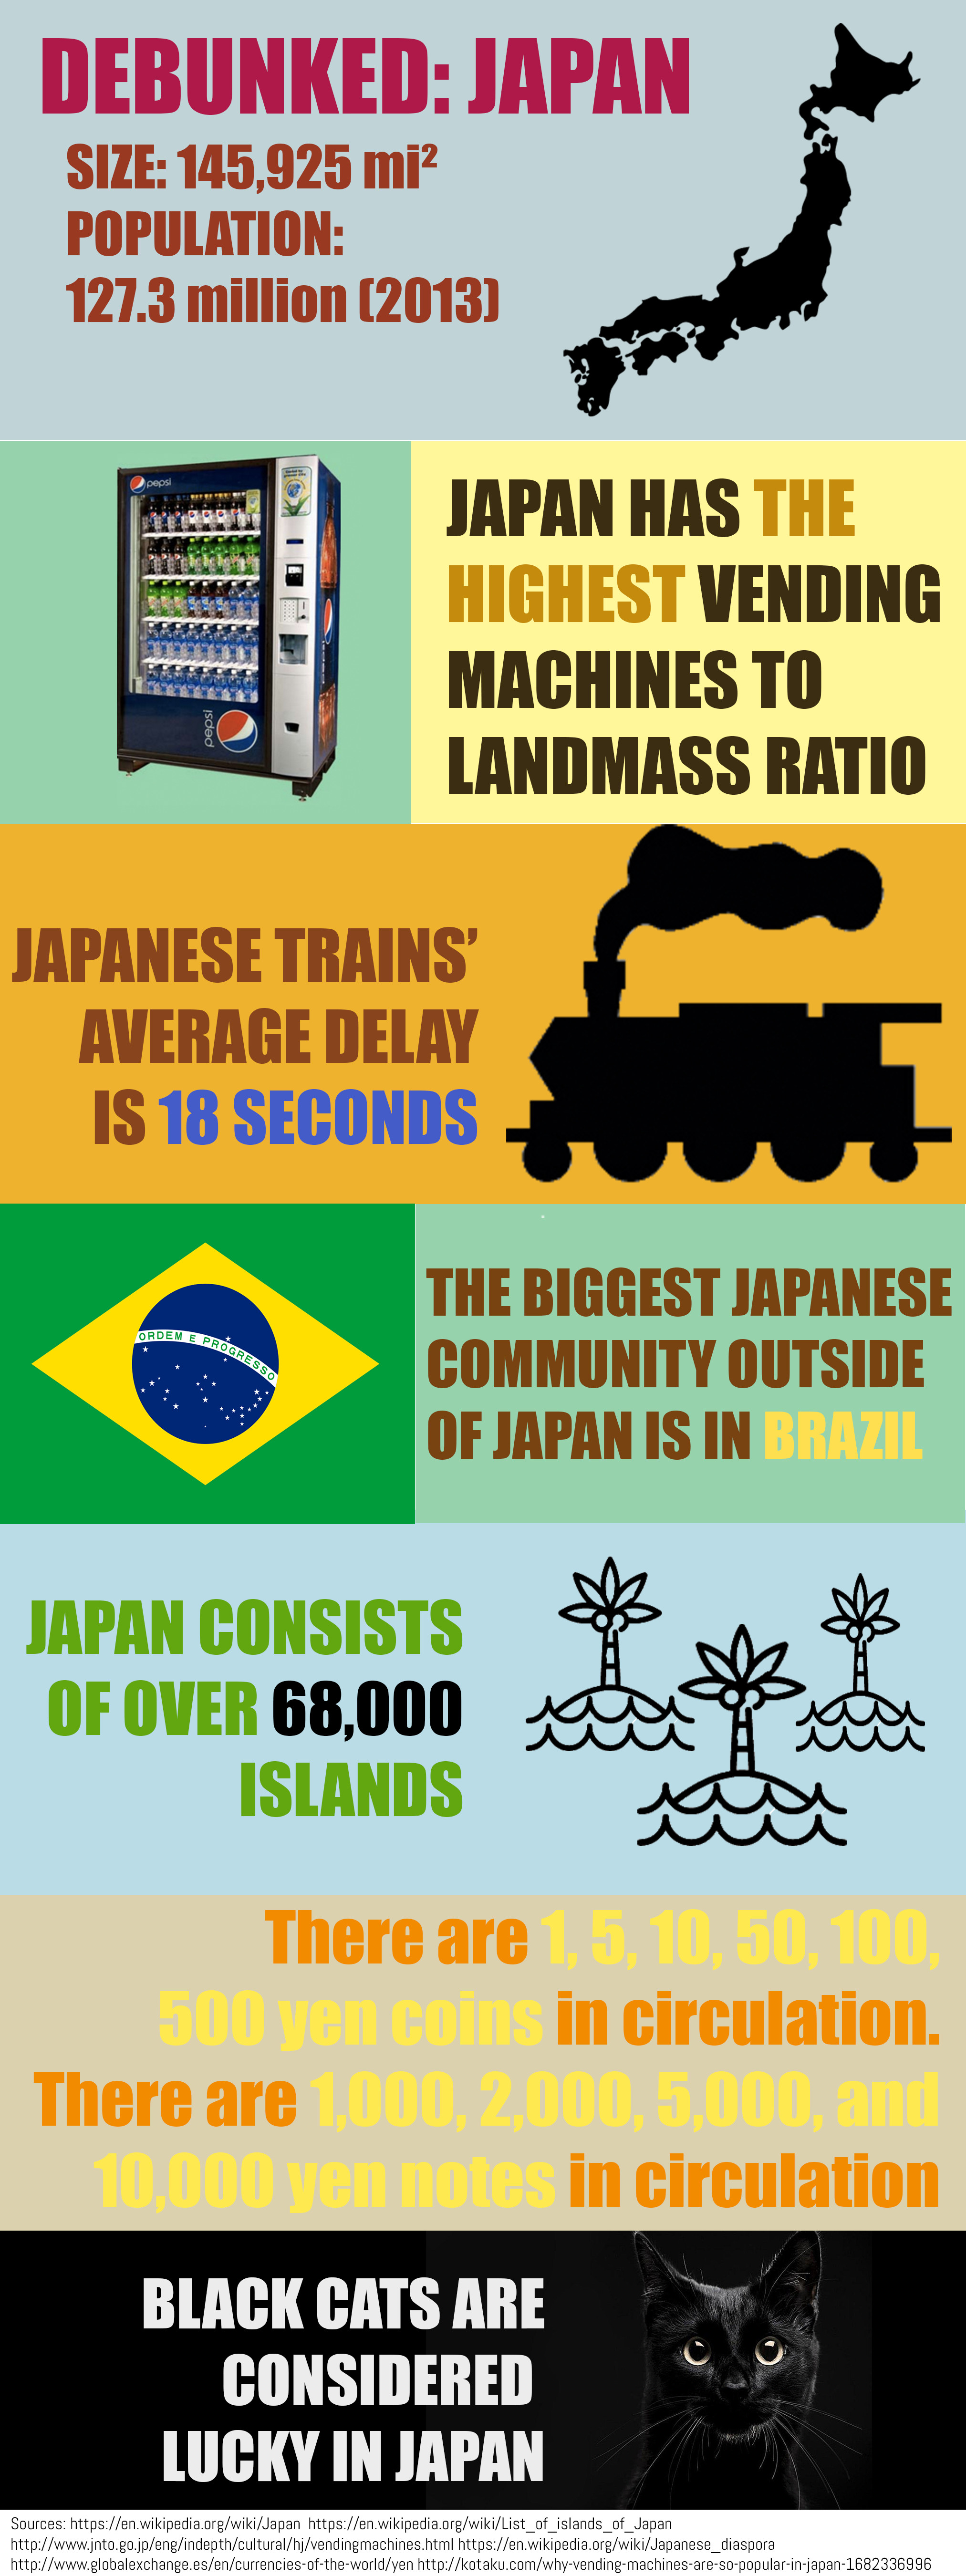 Debunked: JAPAN